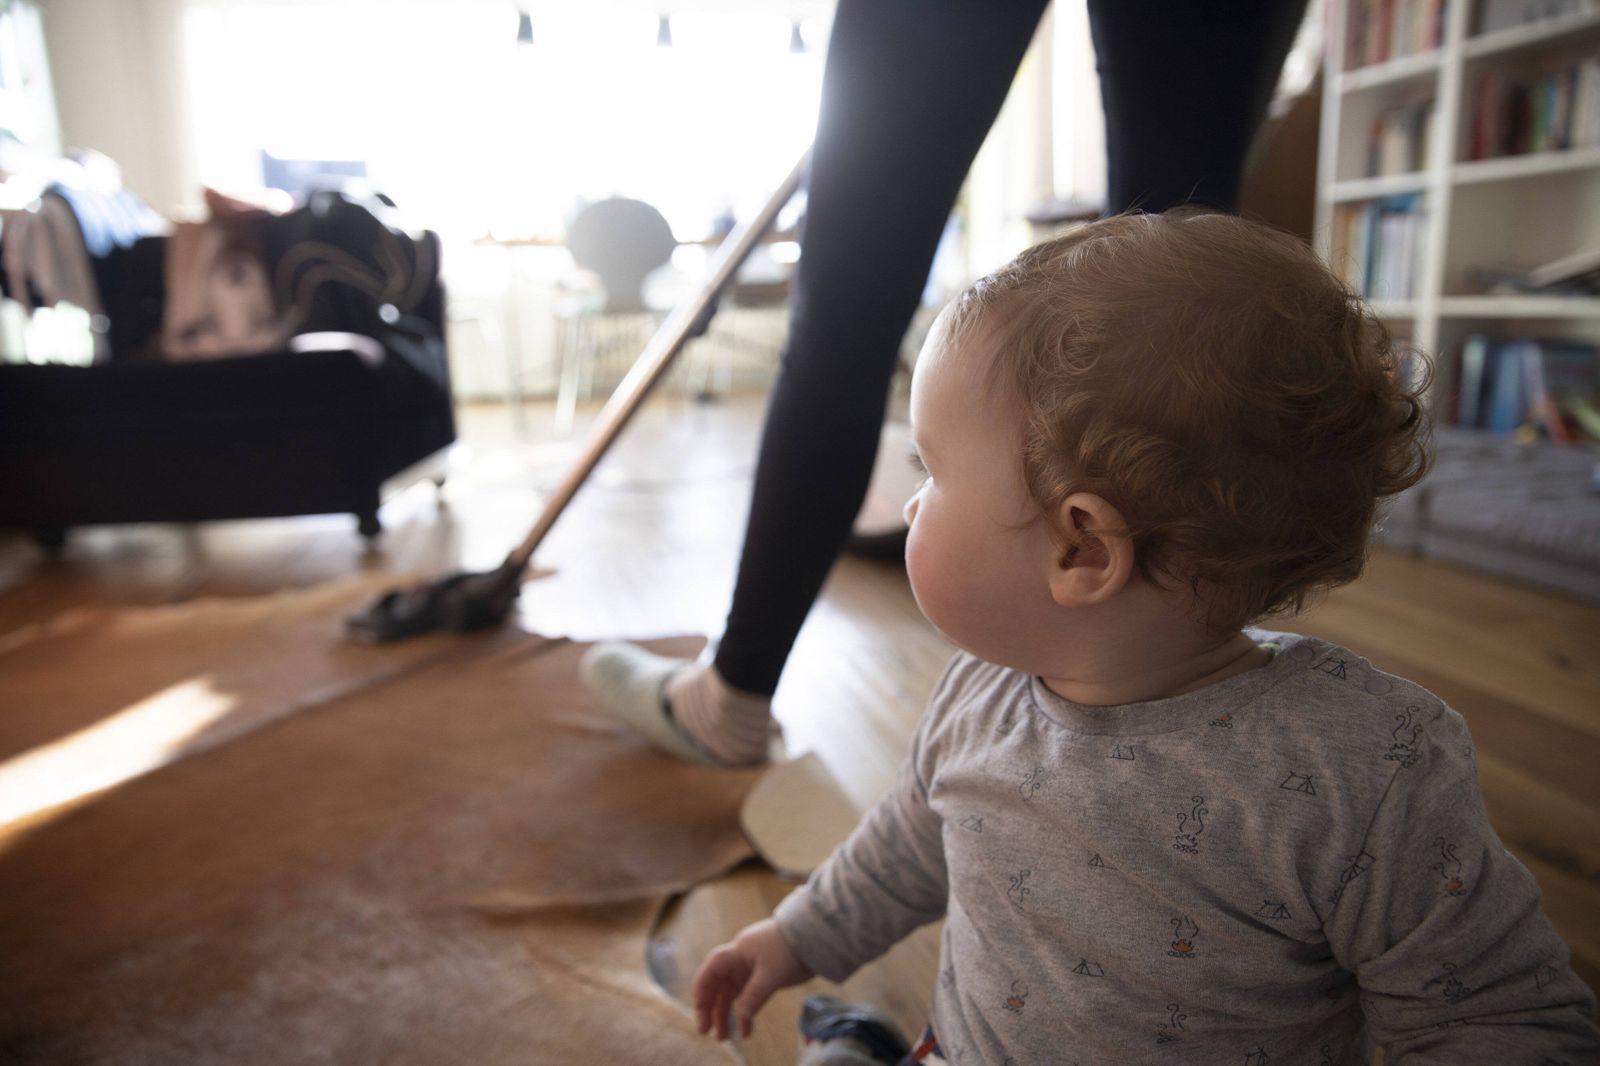 Frau saugt Staub mit einem Staubsauger in ihrem Wohnzimmer, Bonn, 19.12.2019. Woman vacuuming with a vacuum cleaner in h